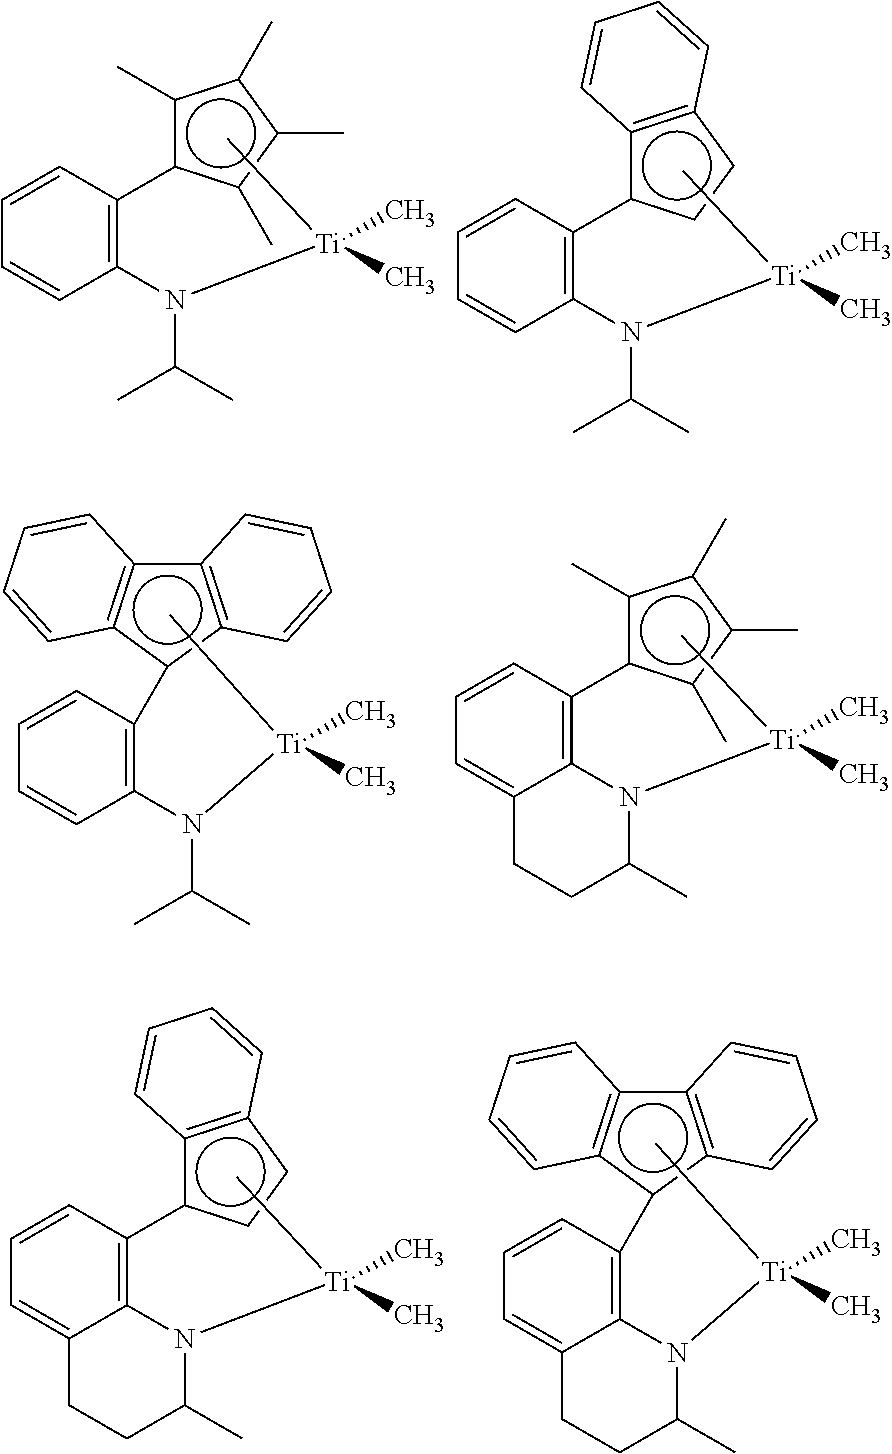 Figure US20110177935A1-20110721-C00013